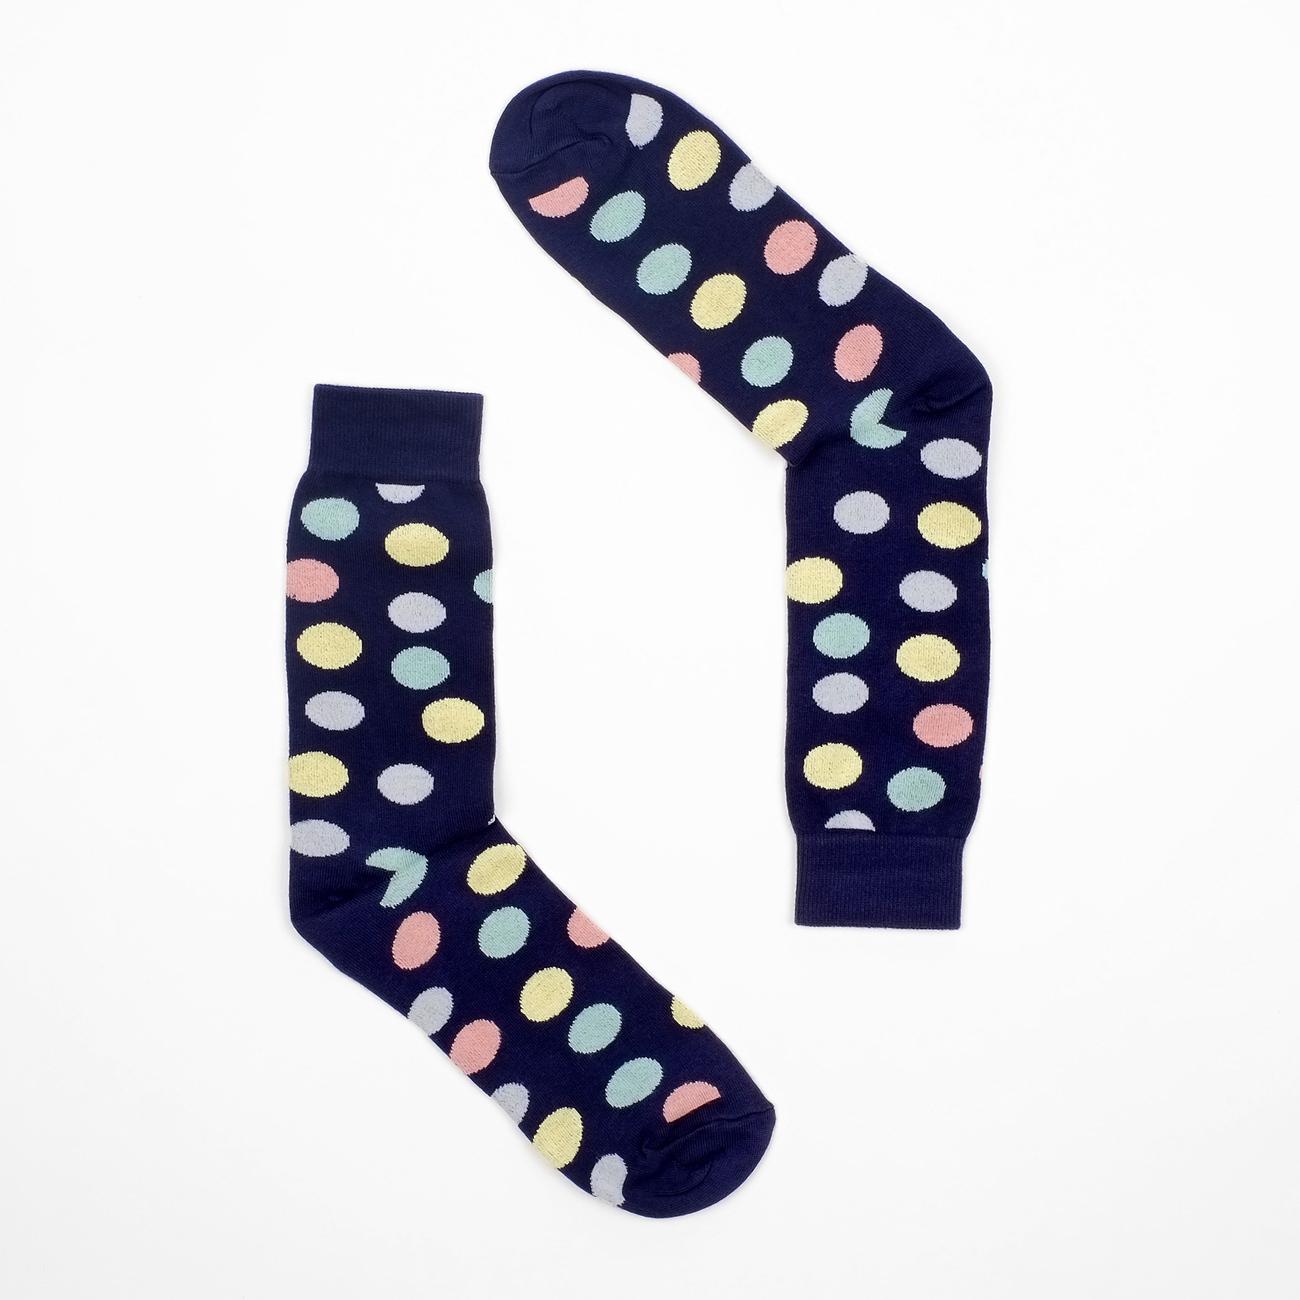 Socks Sigtuna Multi Dots